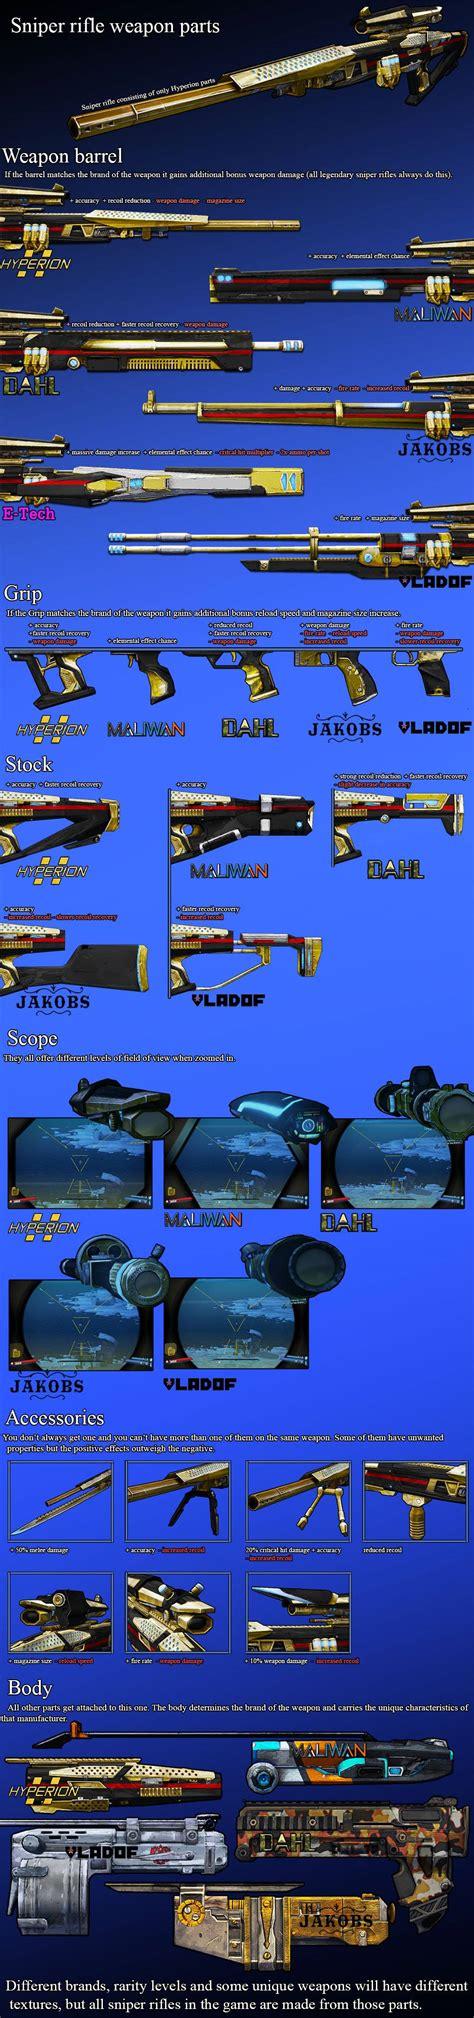 Borderlands 2 Sniper Rifle Parts